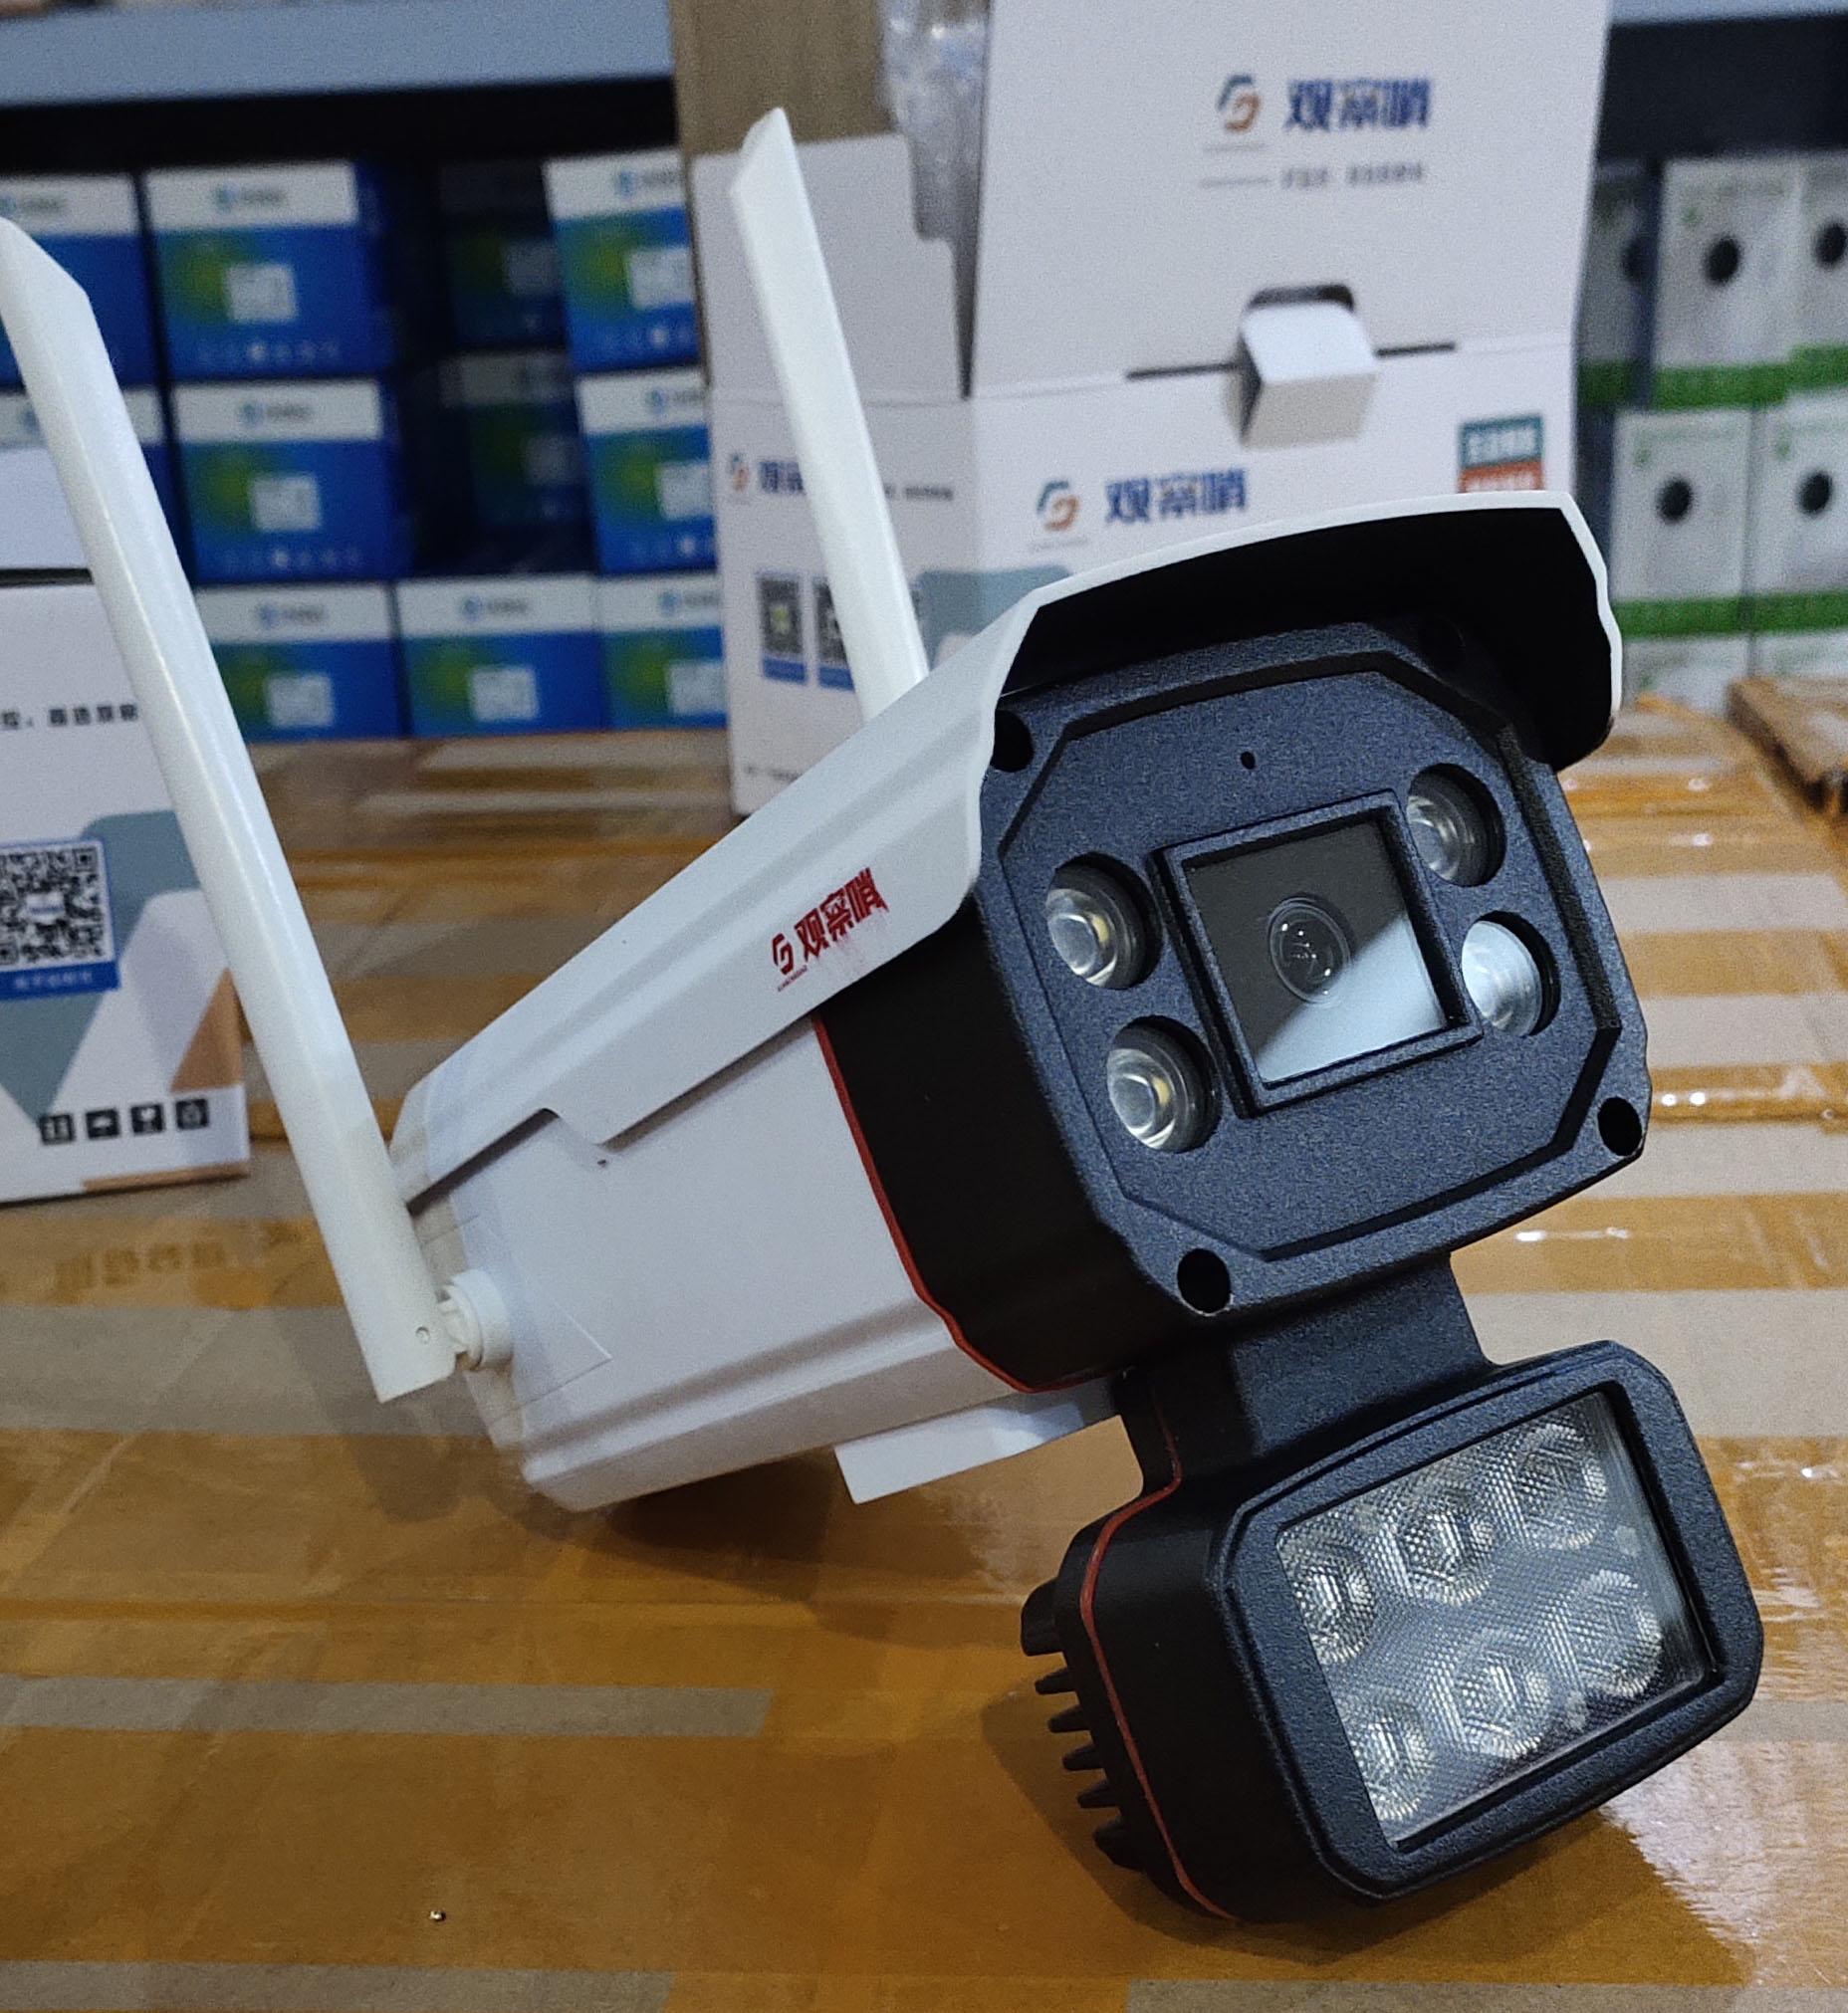 供应 观察哨300万像素无线摄像机 插卡 全彩 红外